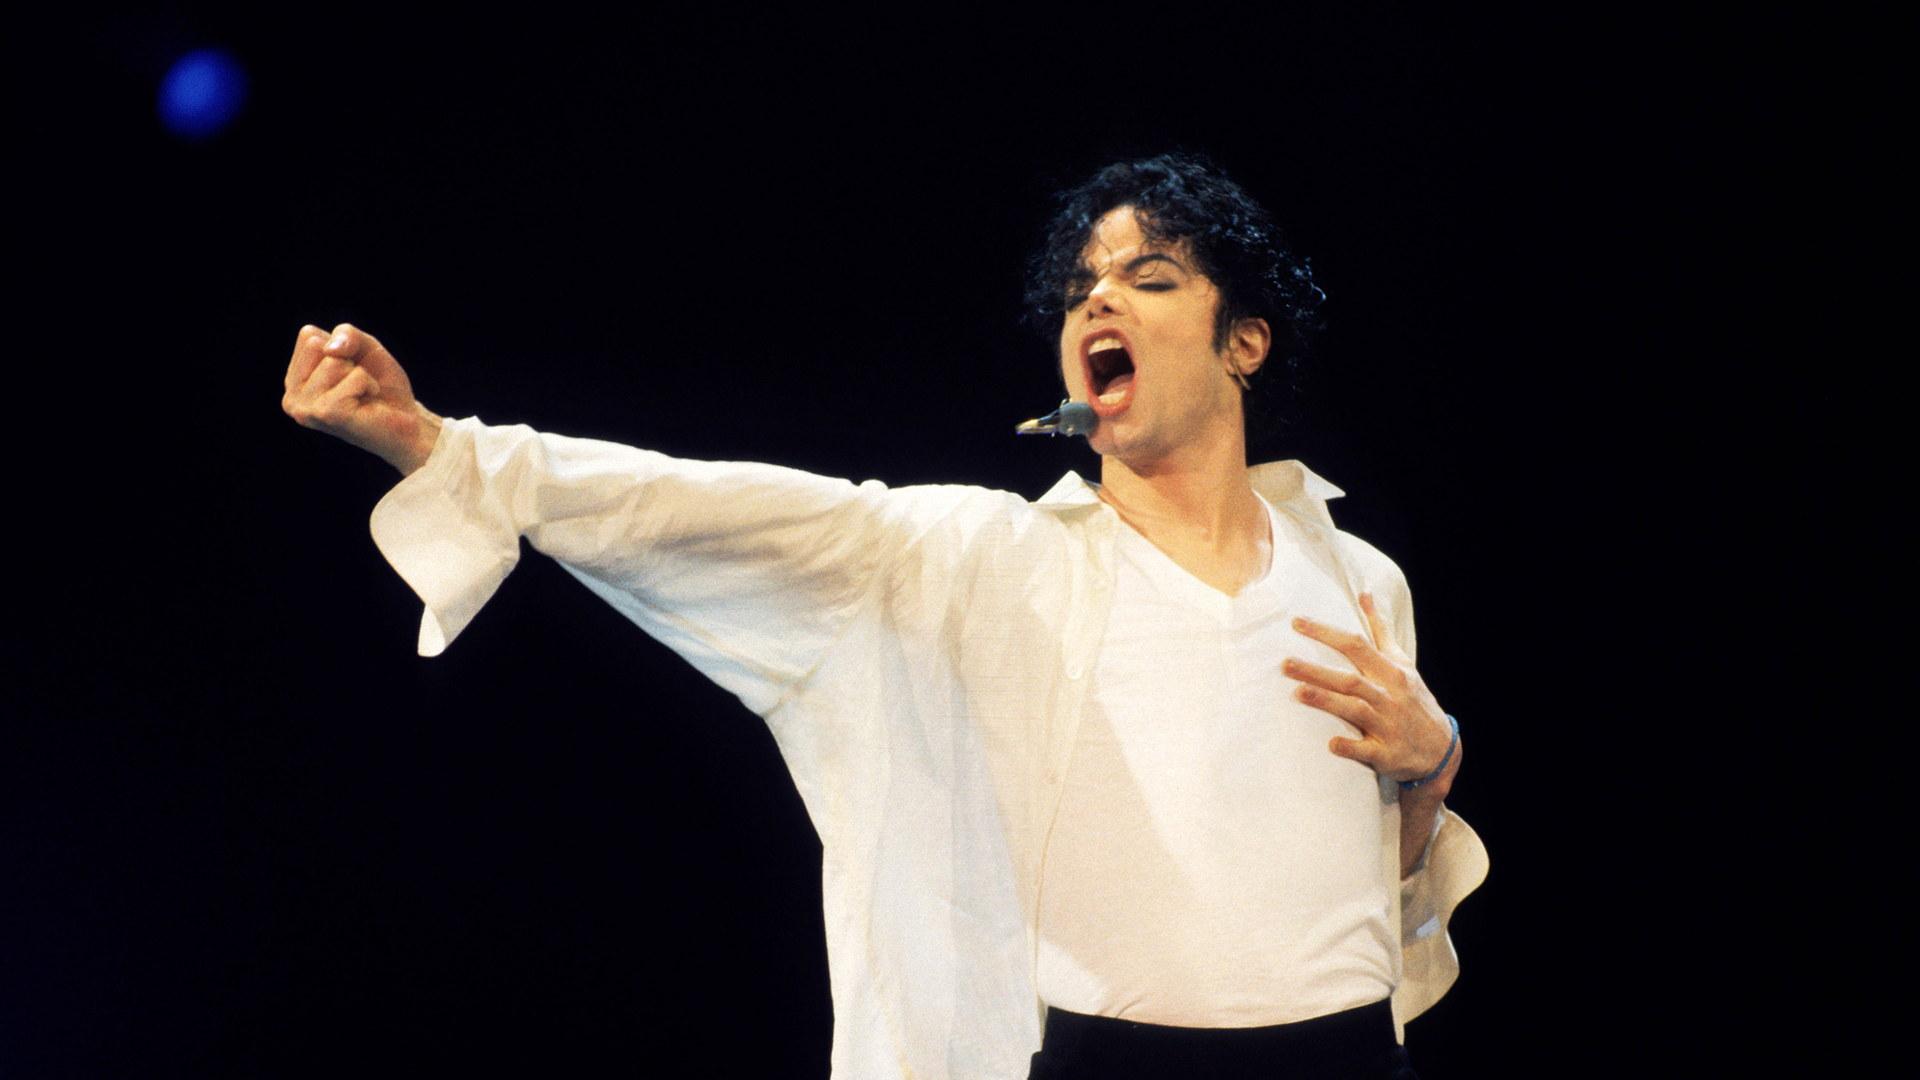 El rey del pop sigue generando millones luego de su muerte